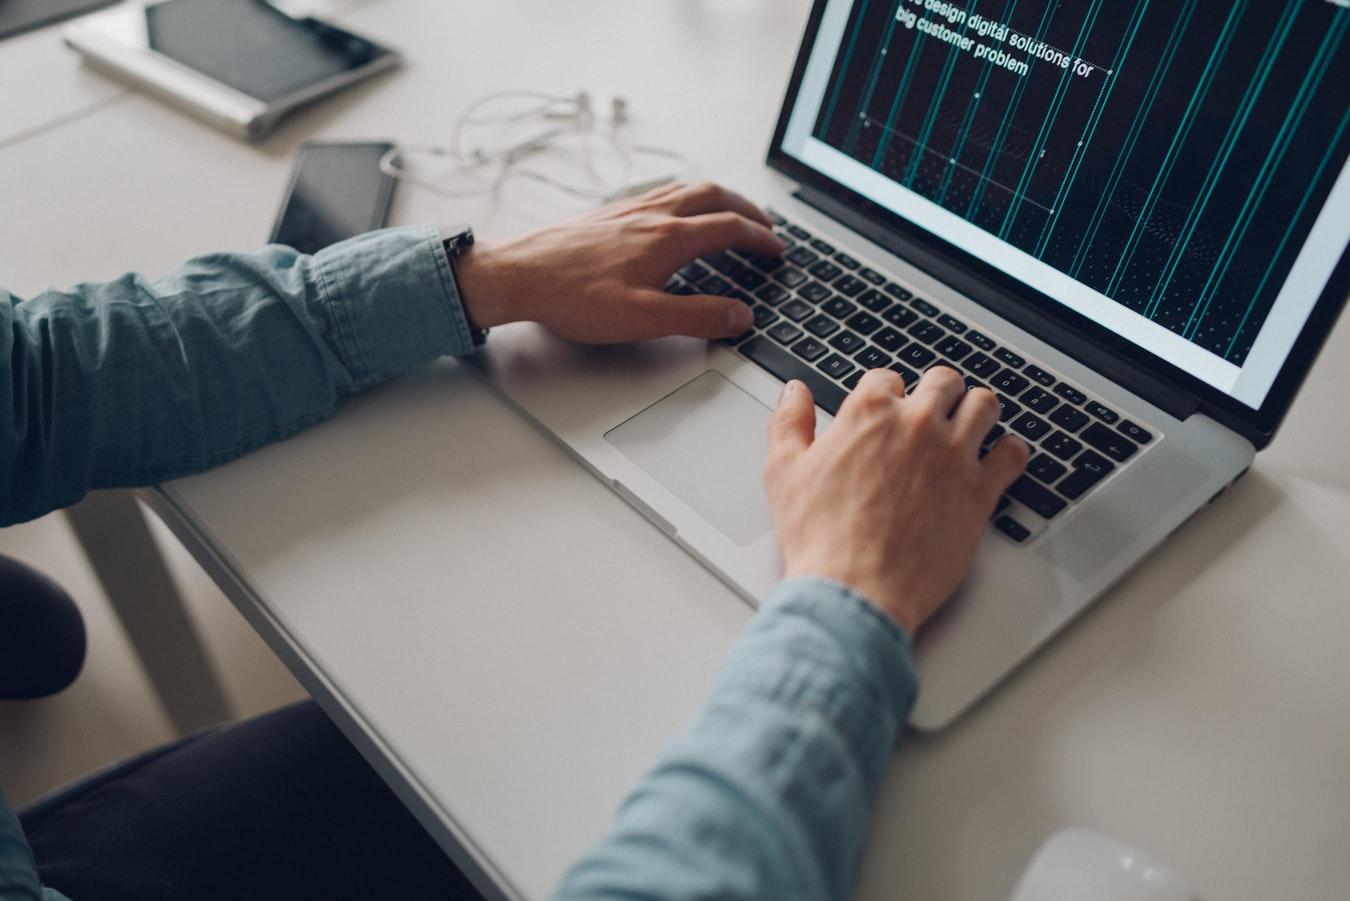 Zero Trust, redes de confianza cero y dispositivos conectados a una red empresarial